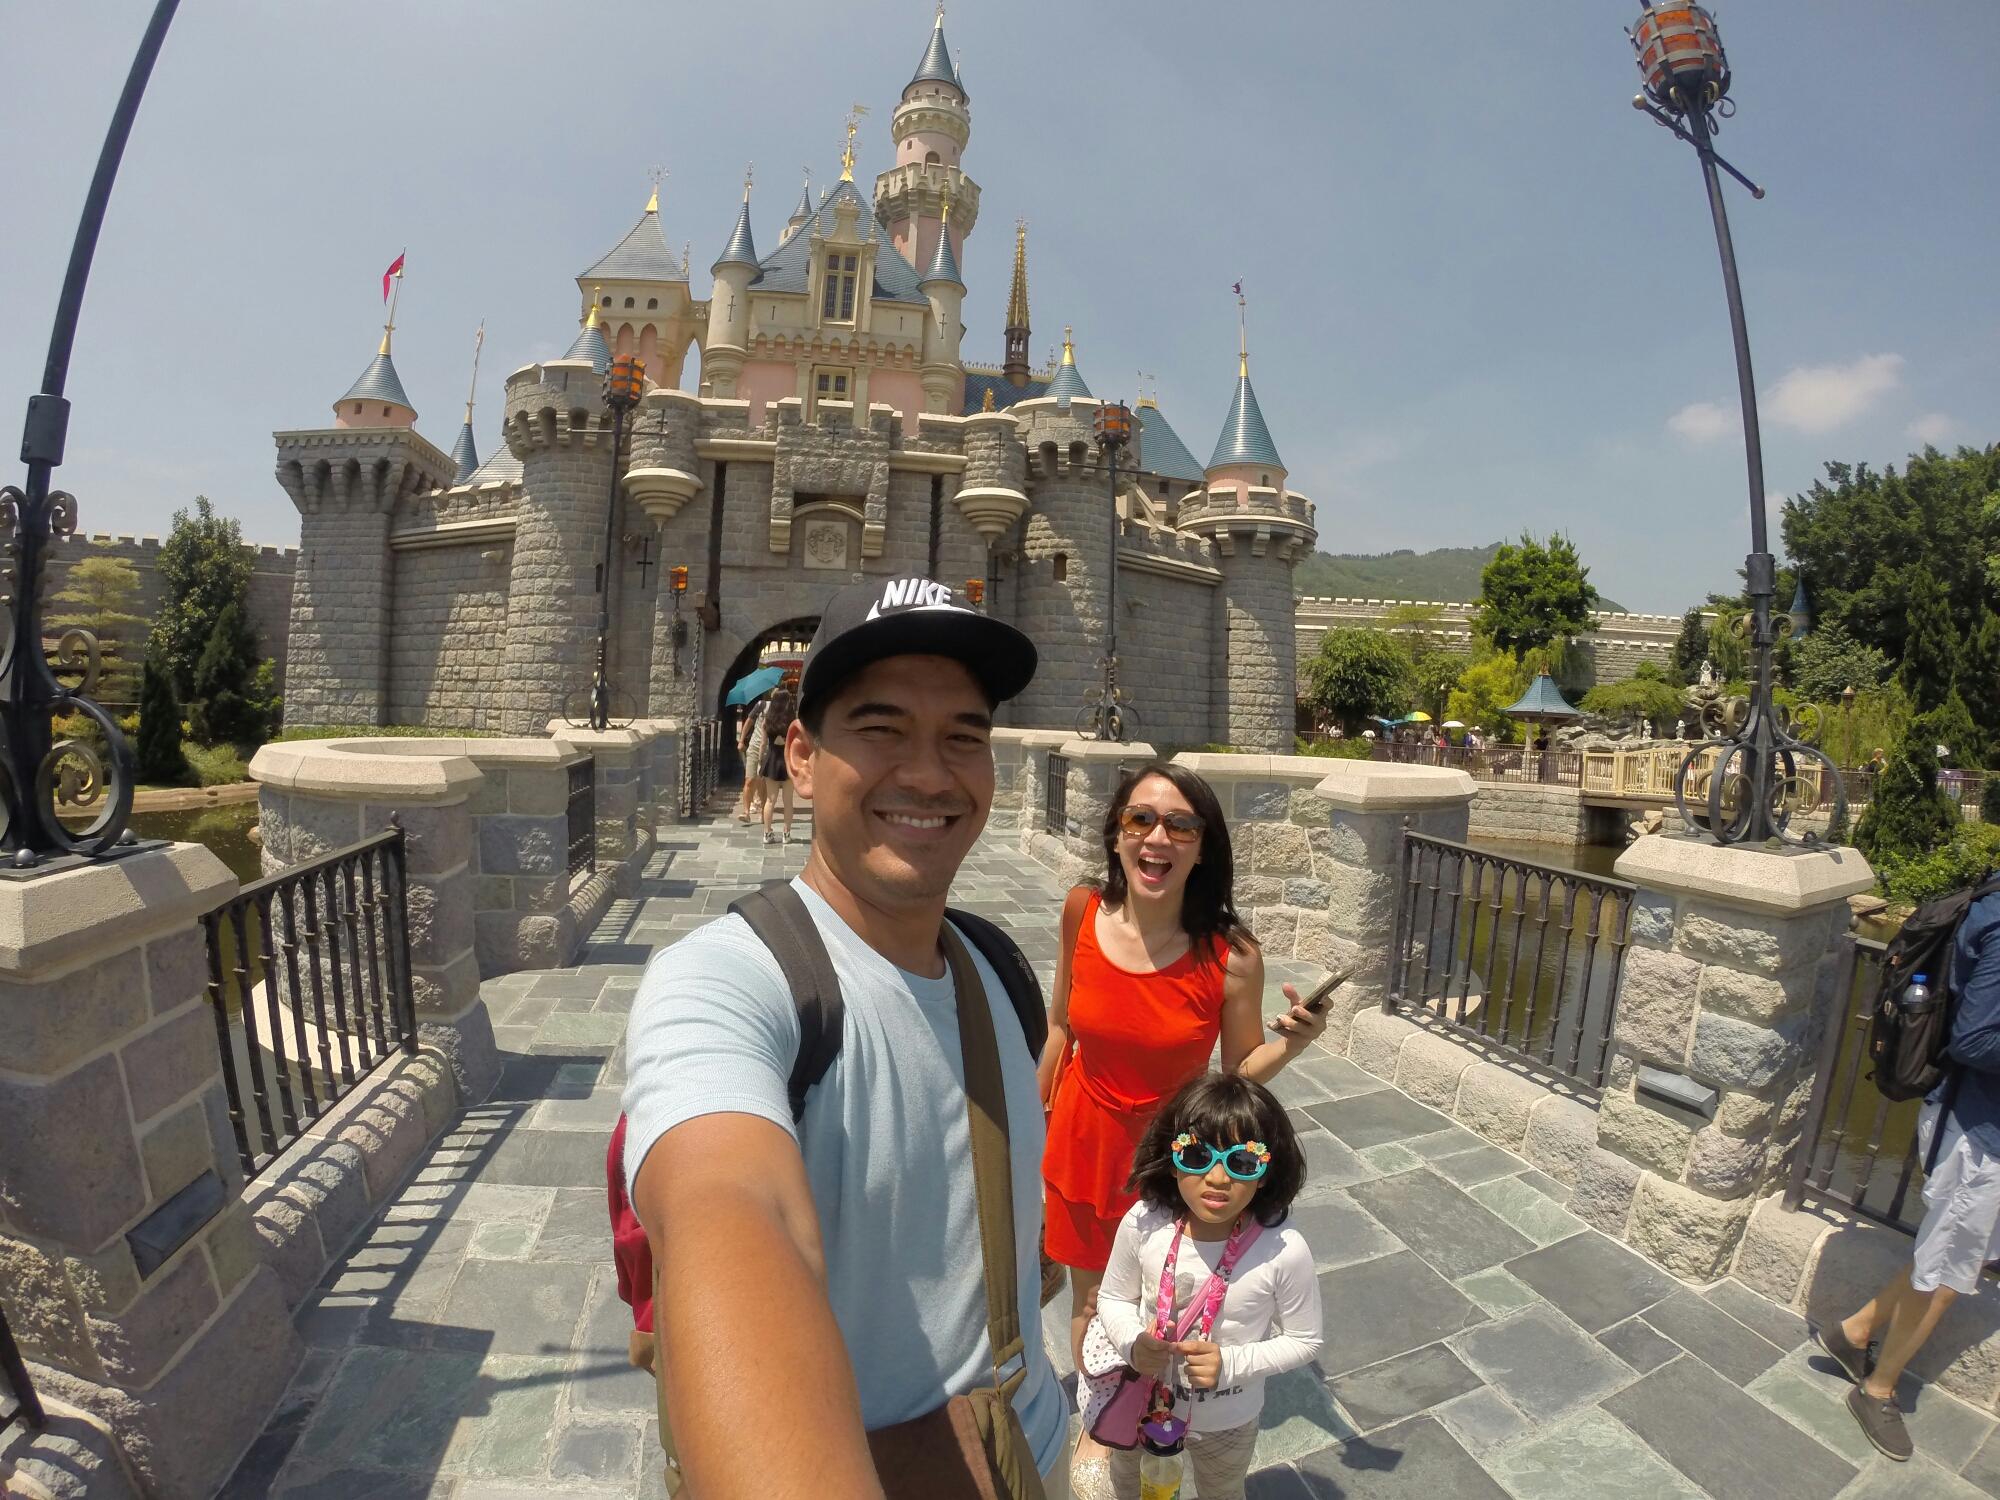 Jual Tiket Disneyland Hongkong Dewasa Ter Update 2018 Ocean Park Guide Travel Ke Hong Kong Sedikit Tips Dari Saya Jika Anda